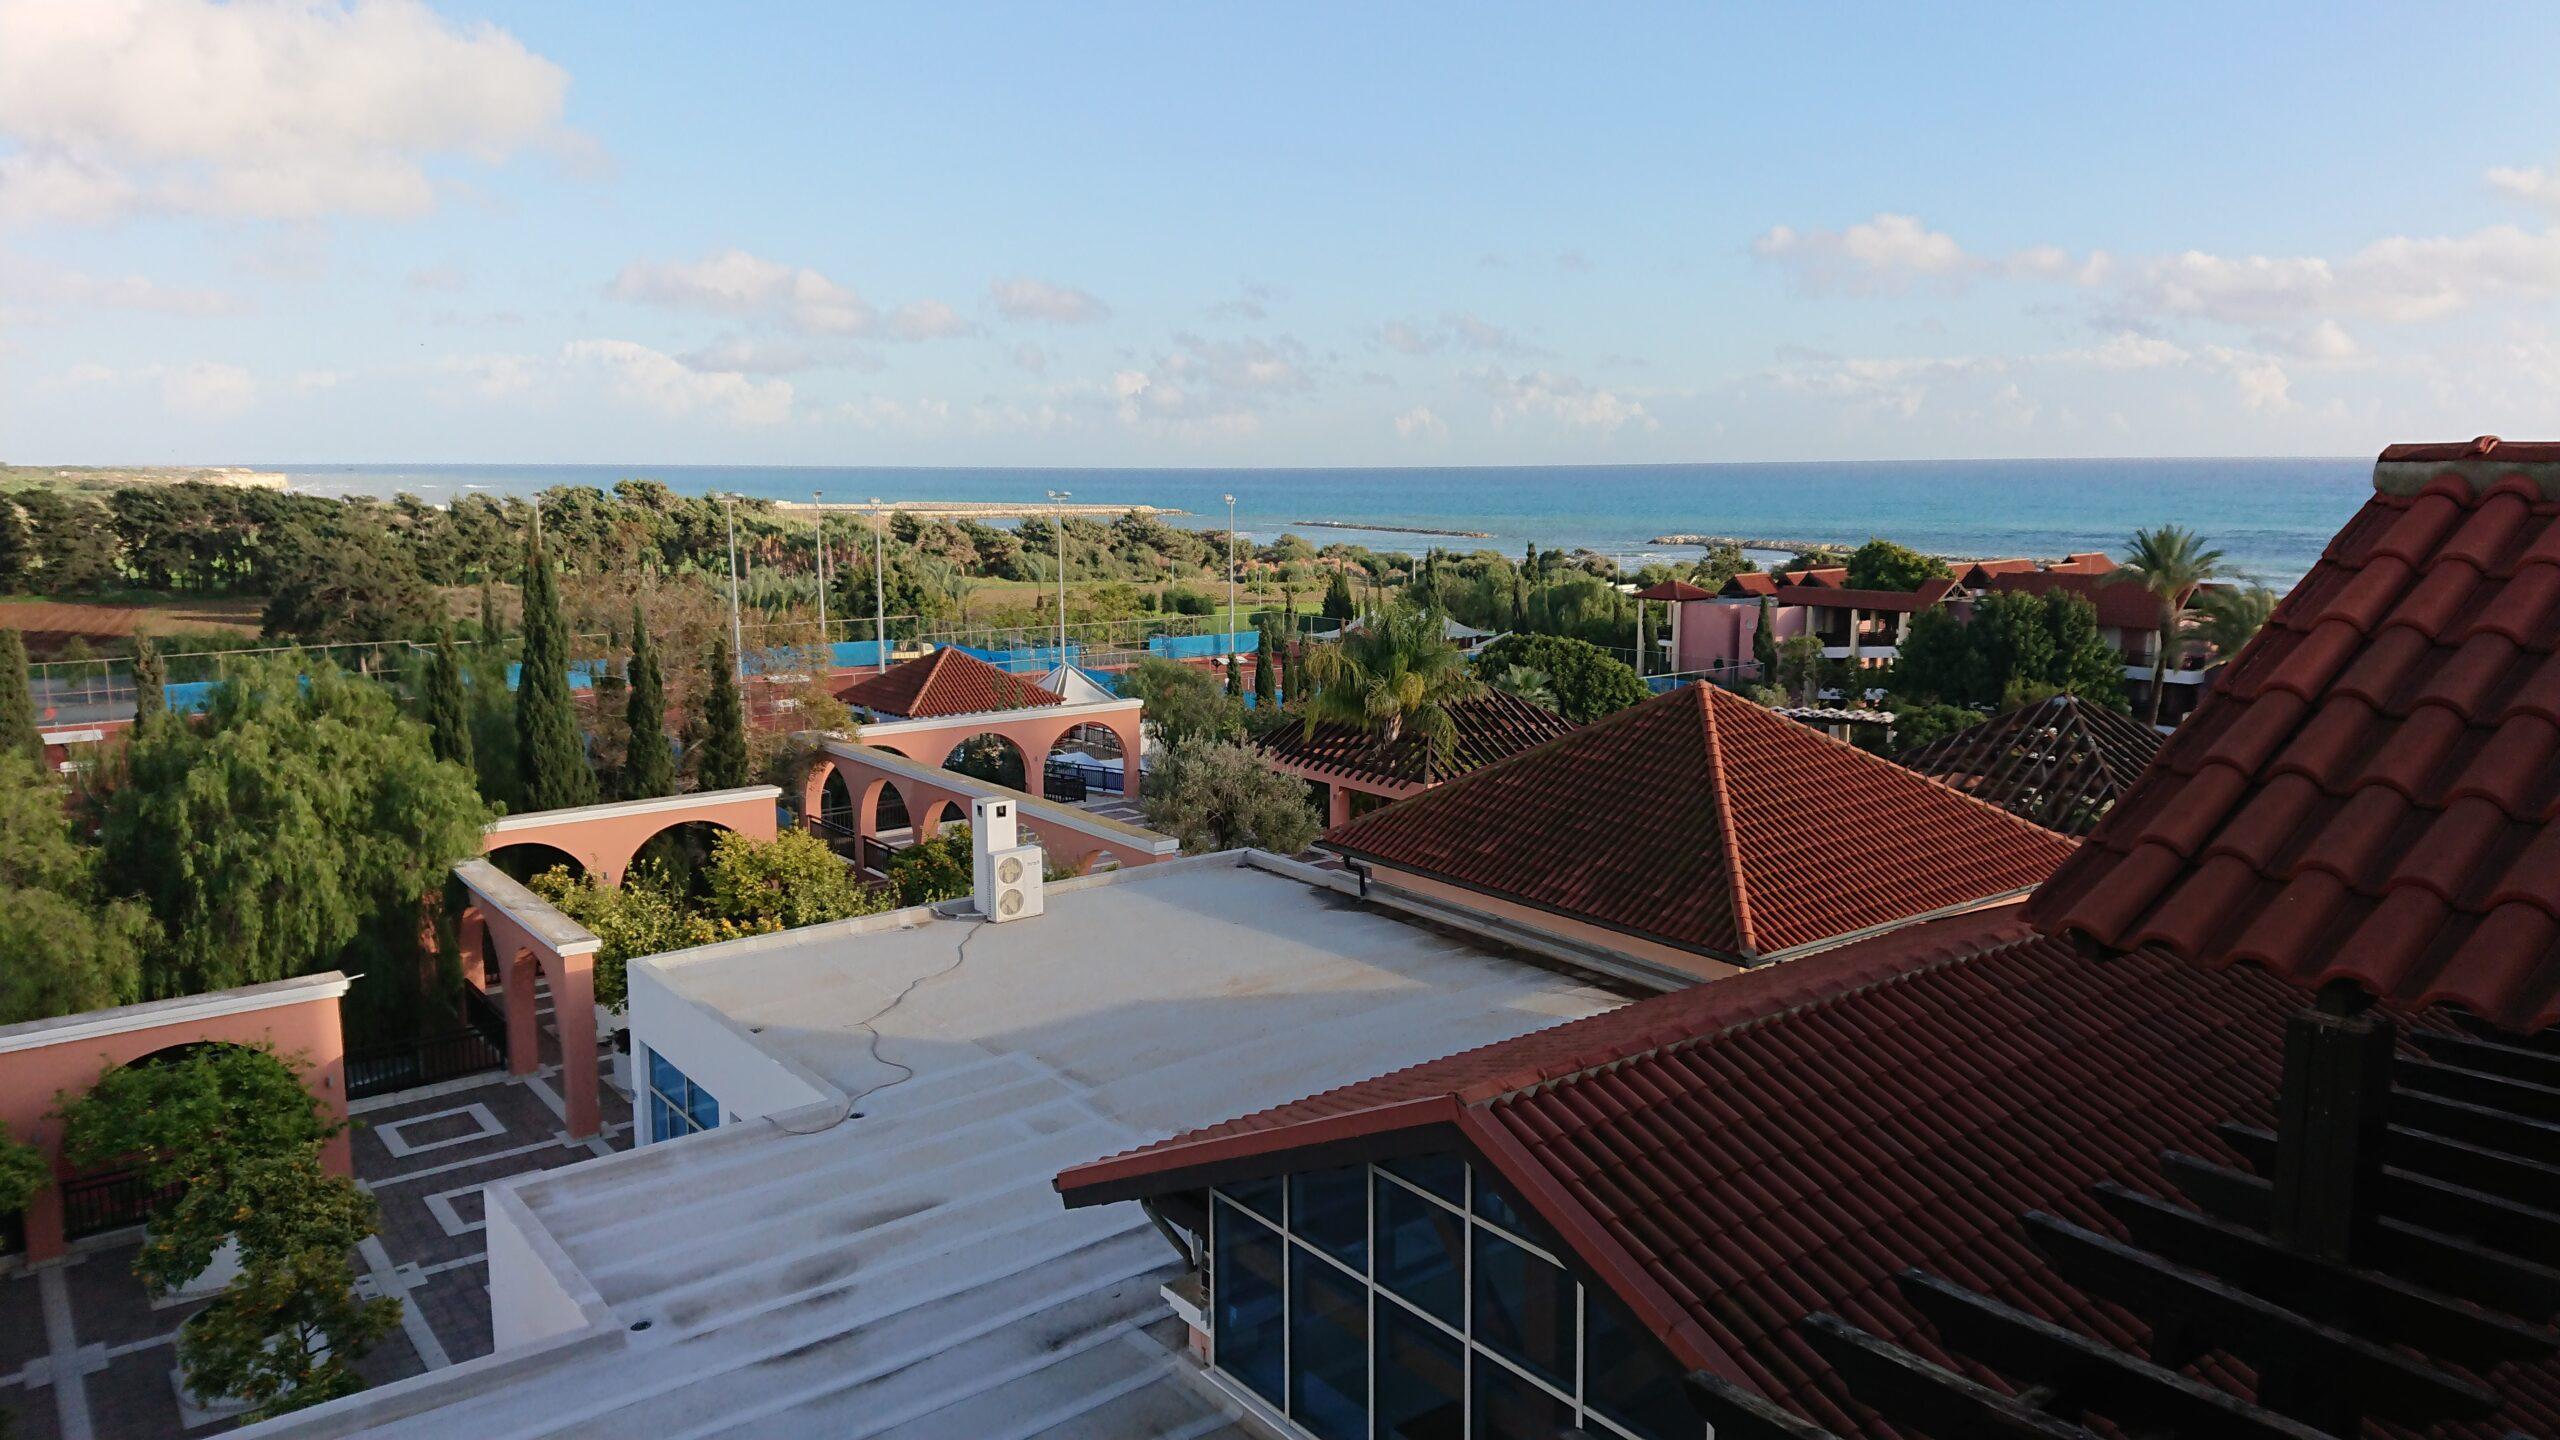 Hotelanlage mit Meer im Hintergrund